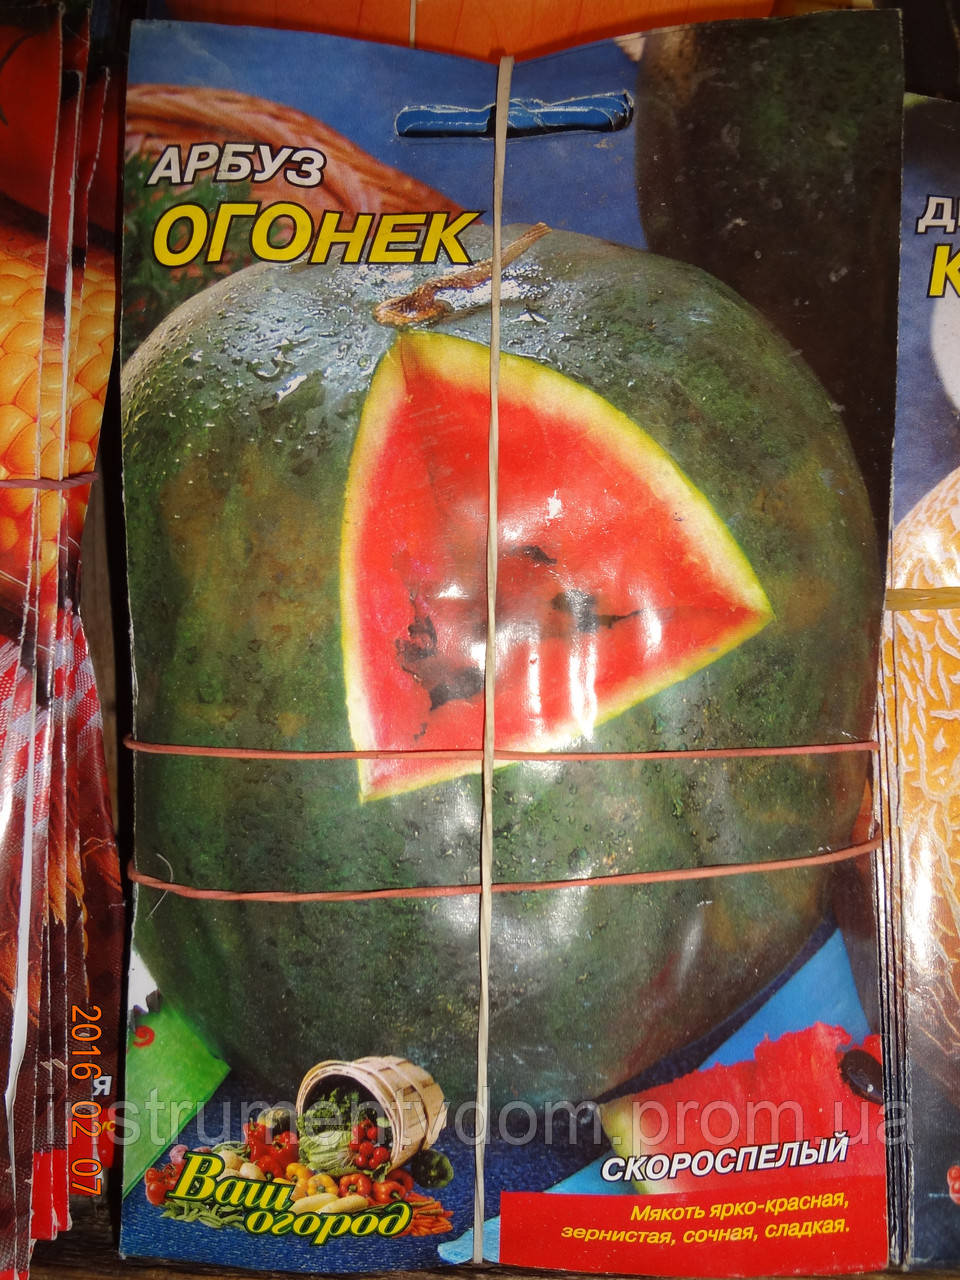 """Семена арбуза """"Огонек"""" ТМ Ваш огород (упаковка 10 пачек)"""